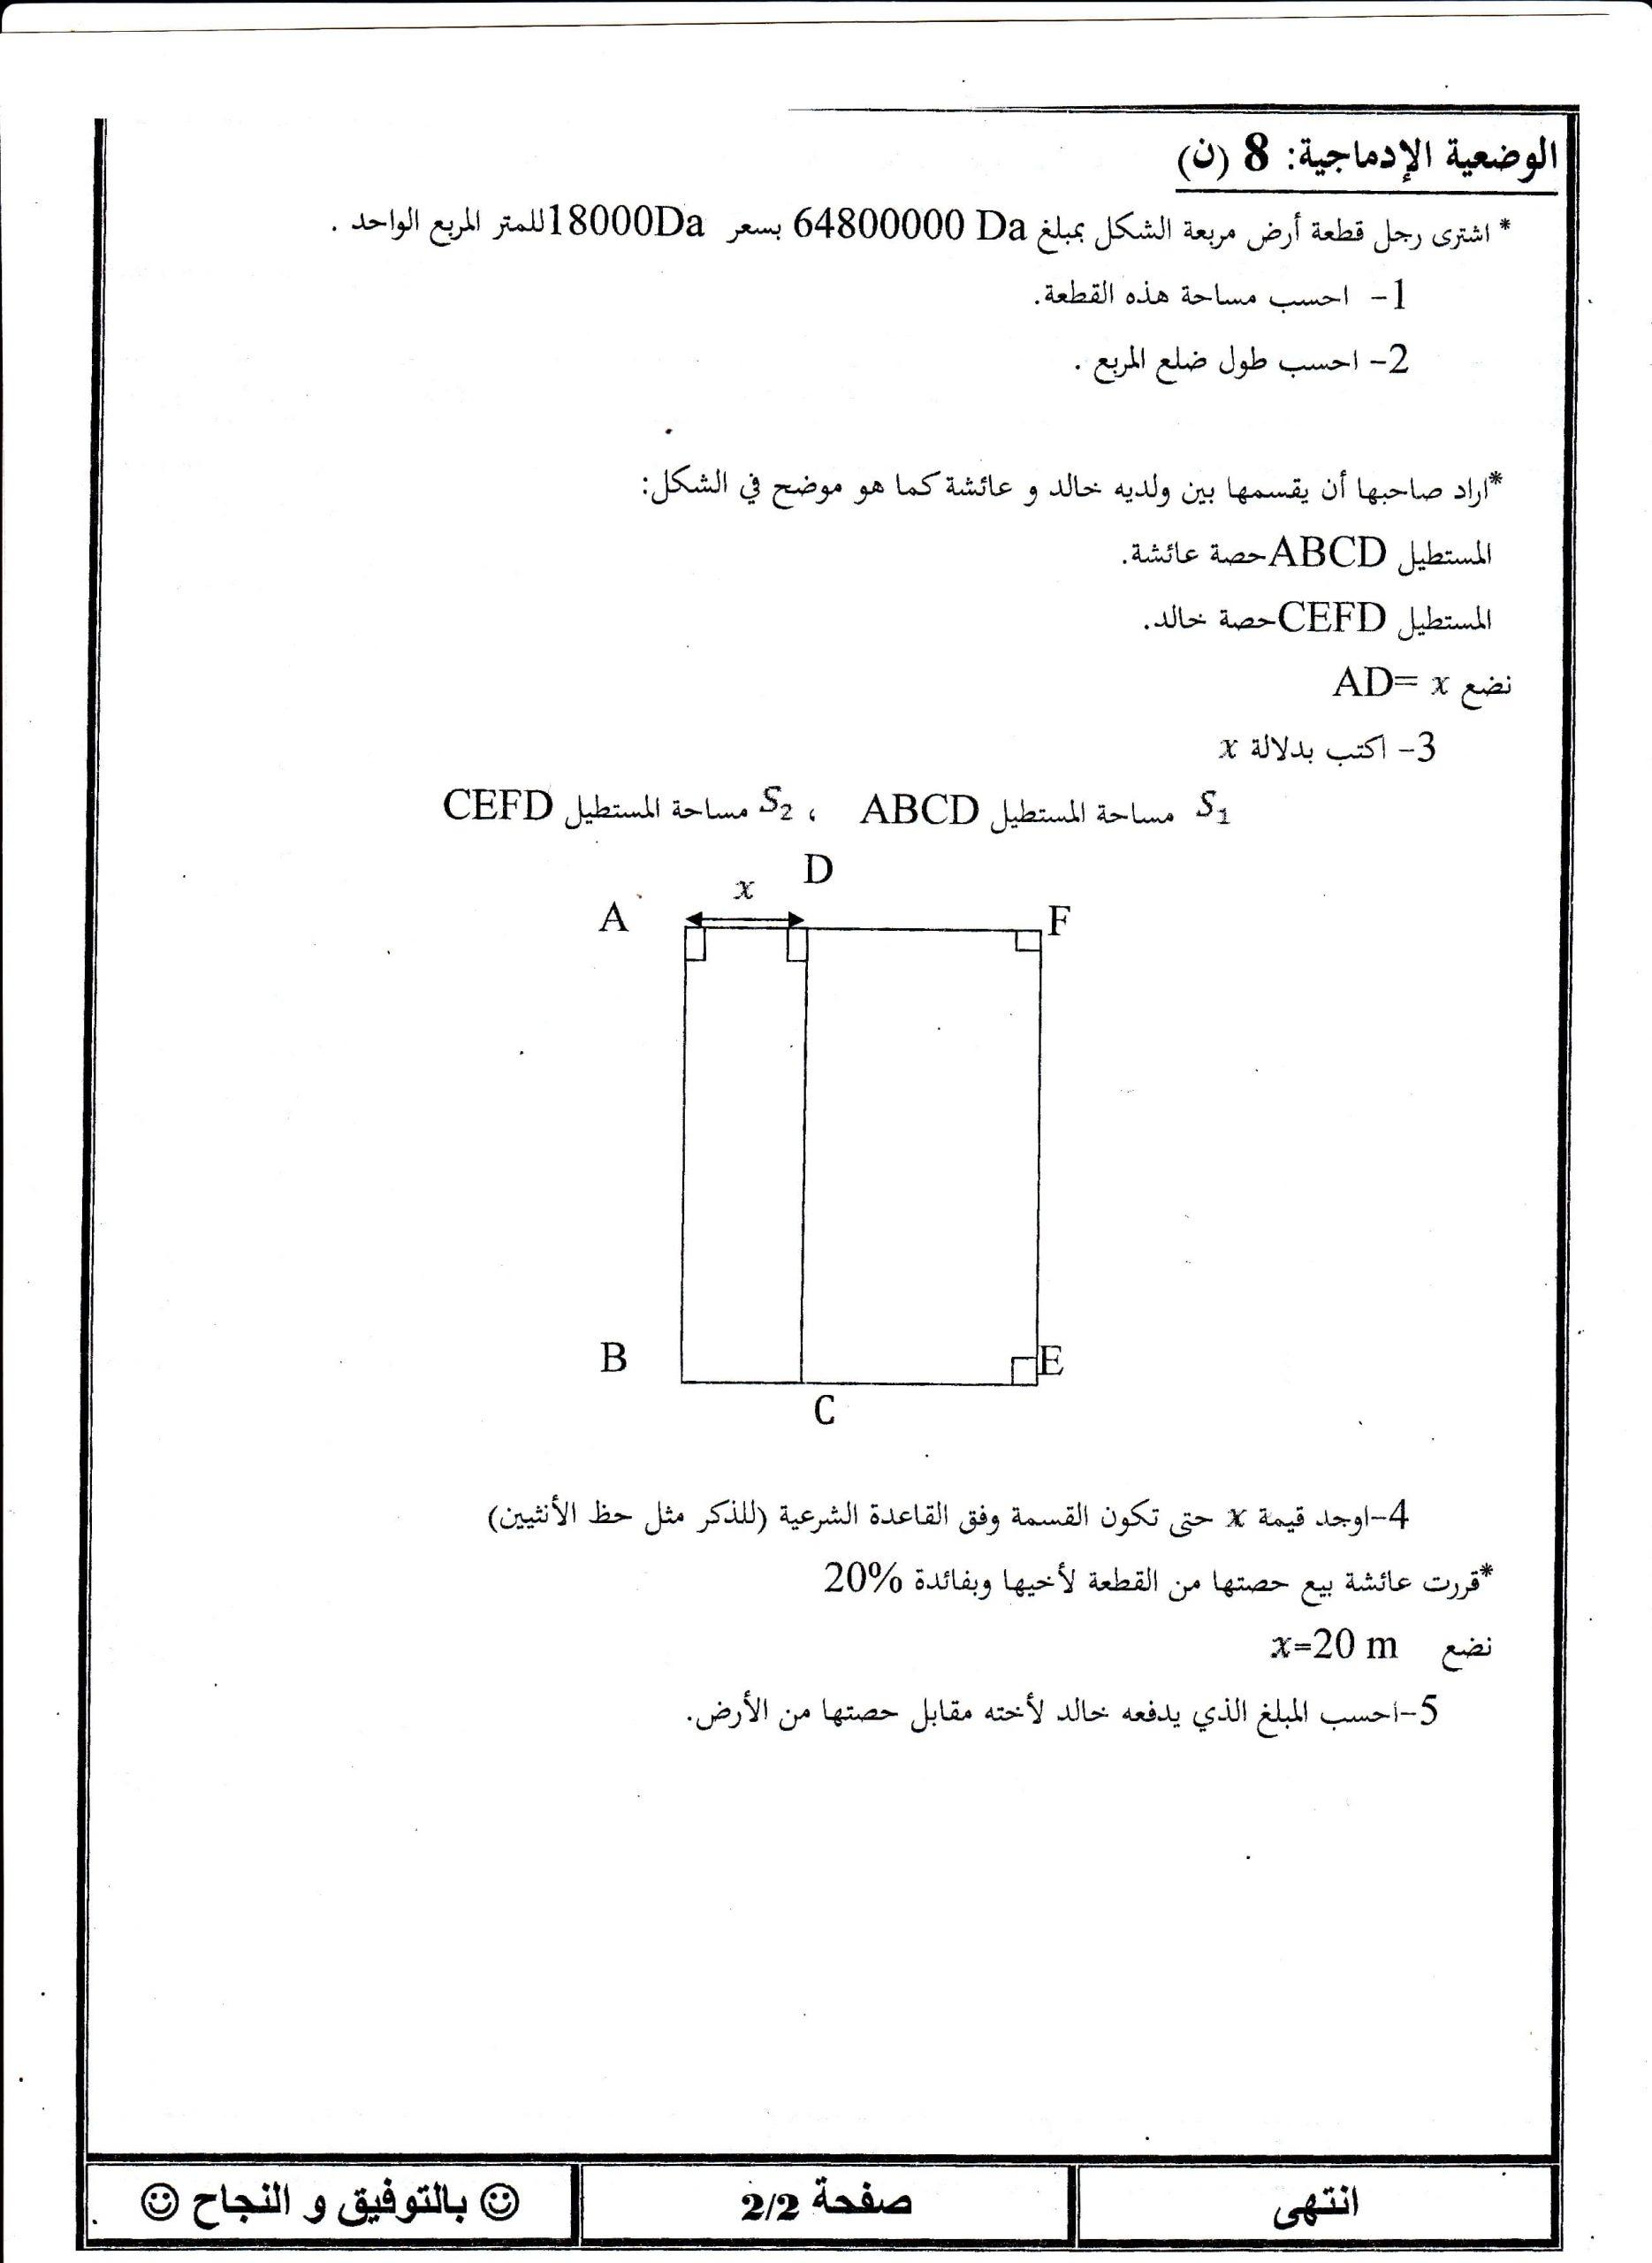 اختبار الفصل الثالث في مادة الرياضيات السنة الرابعة متوسط   الموضوع 04